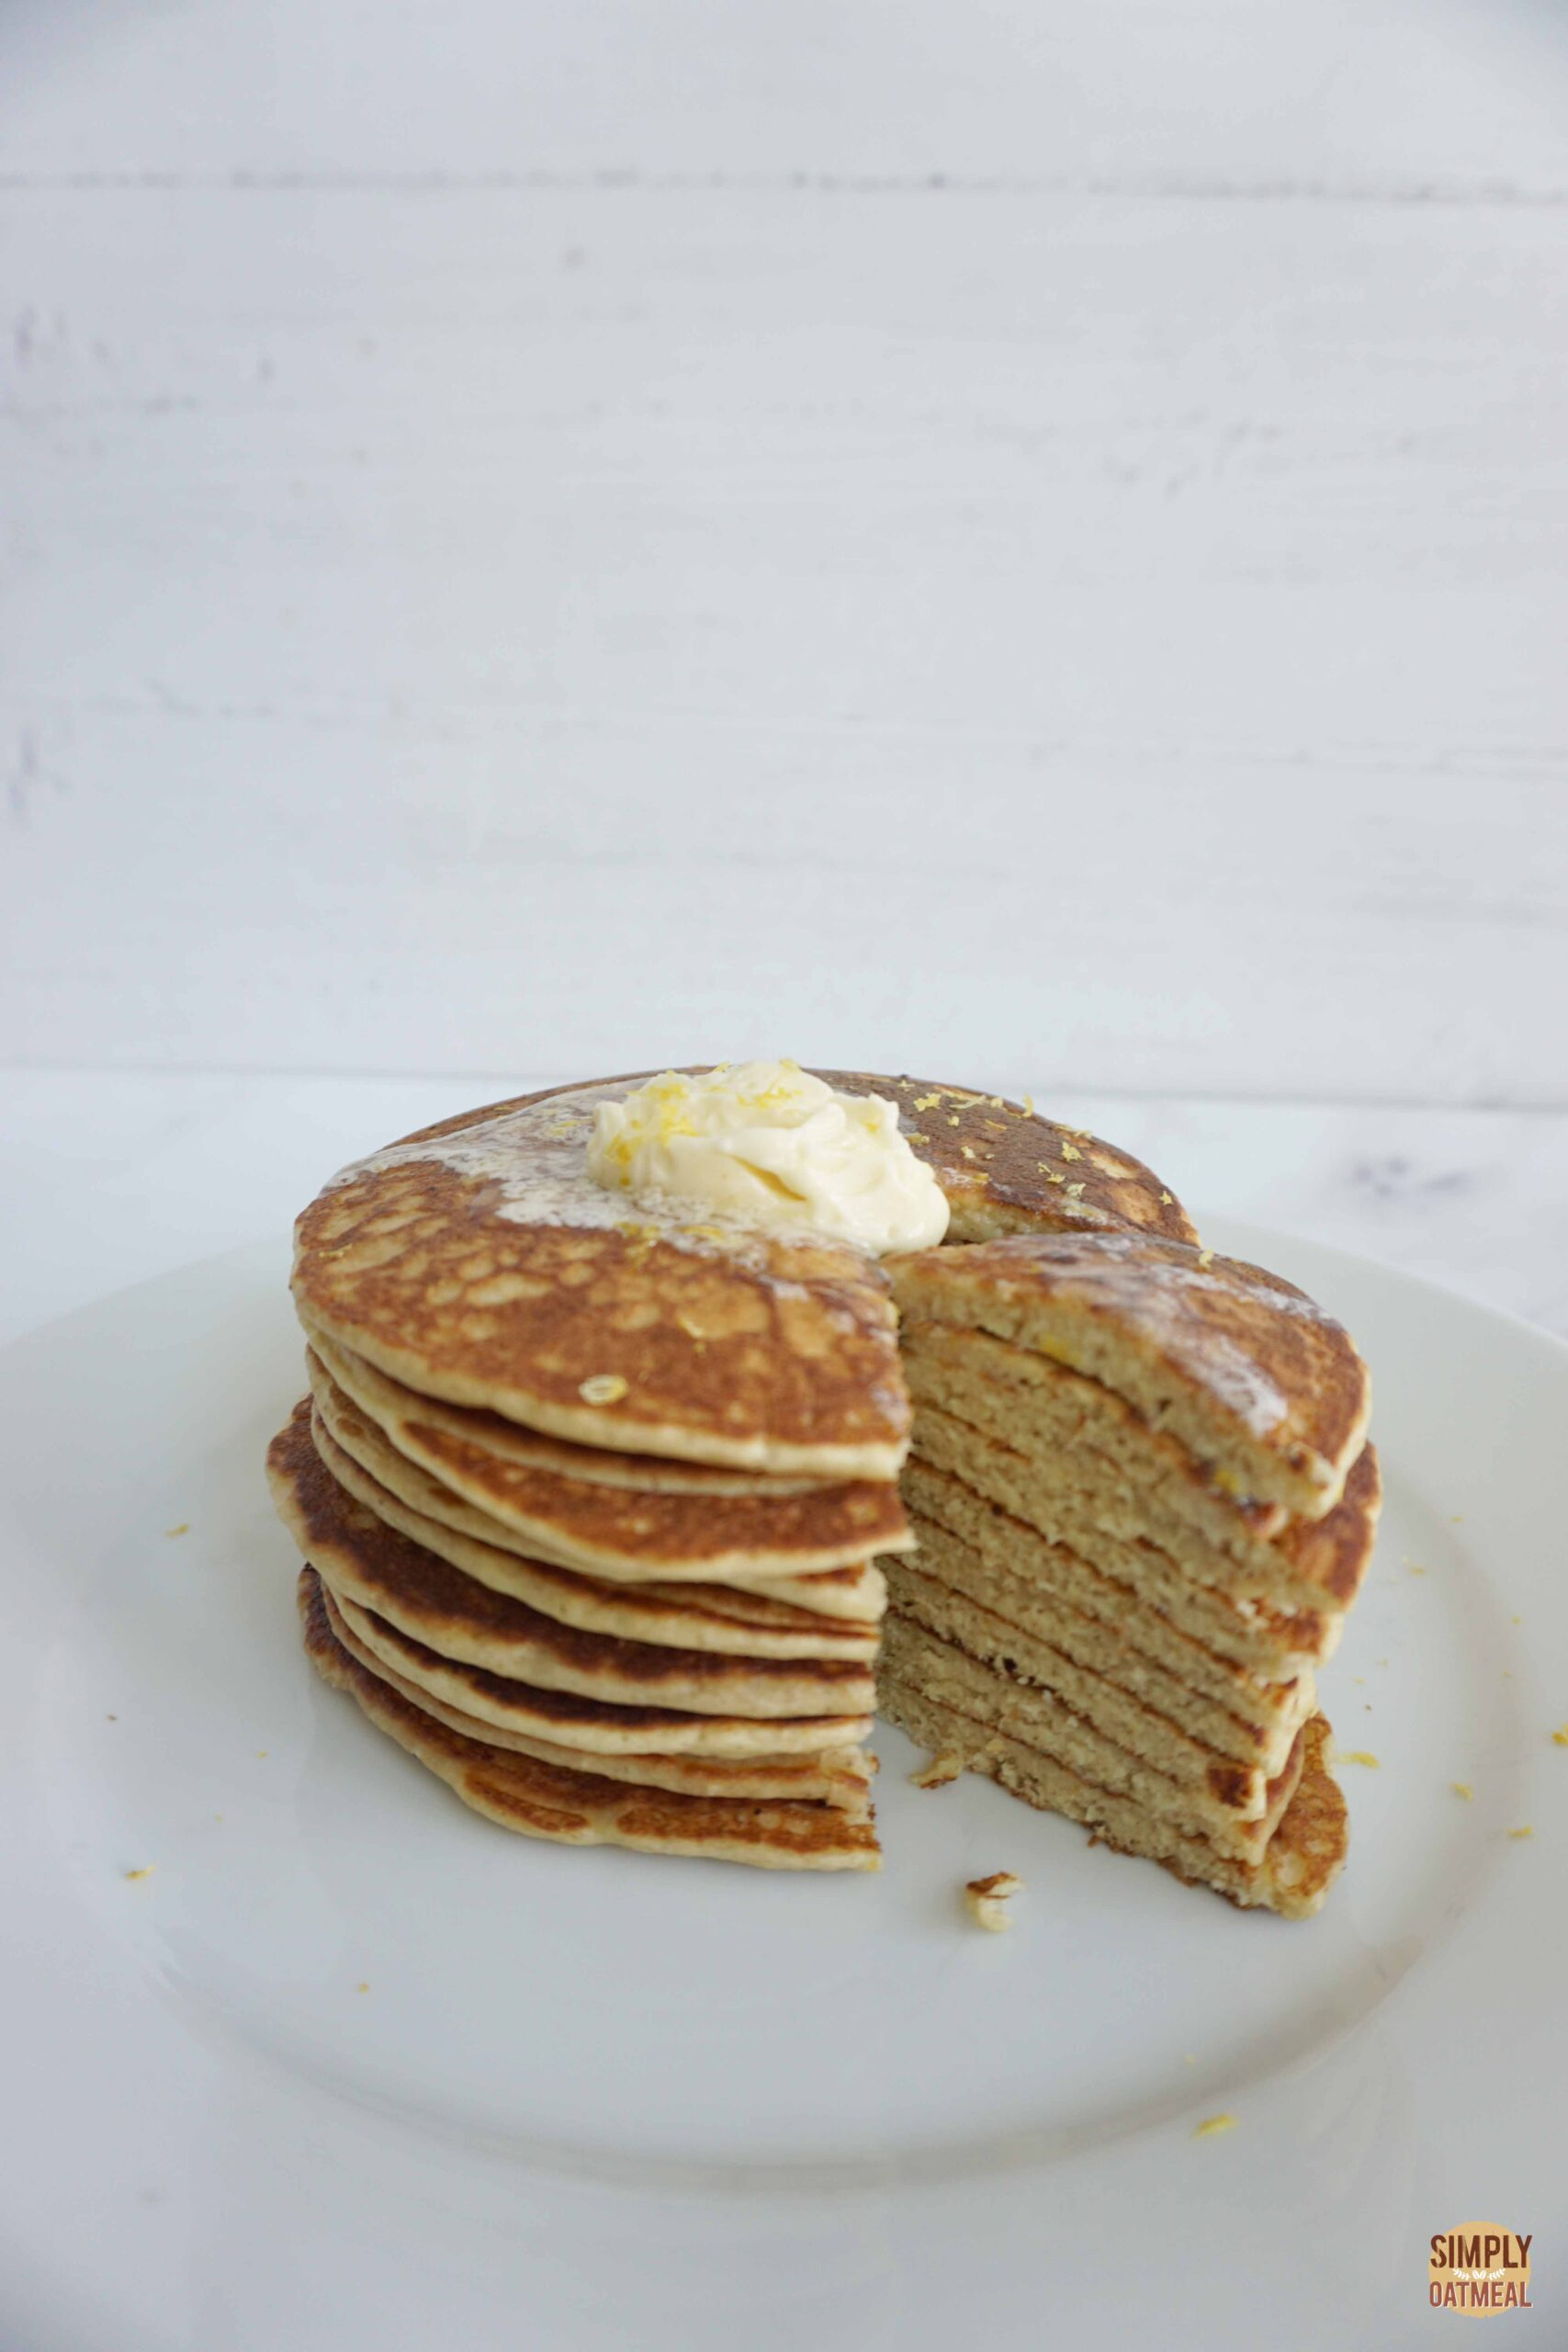 Cooked lemon ricotta oatmeal pancakes.